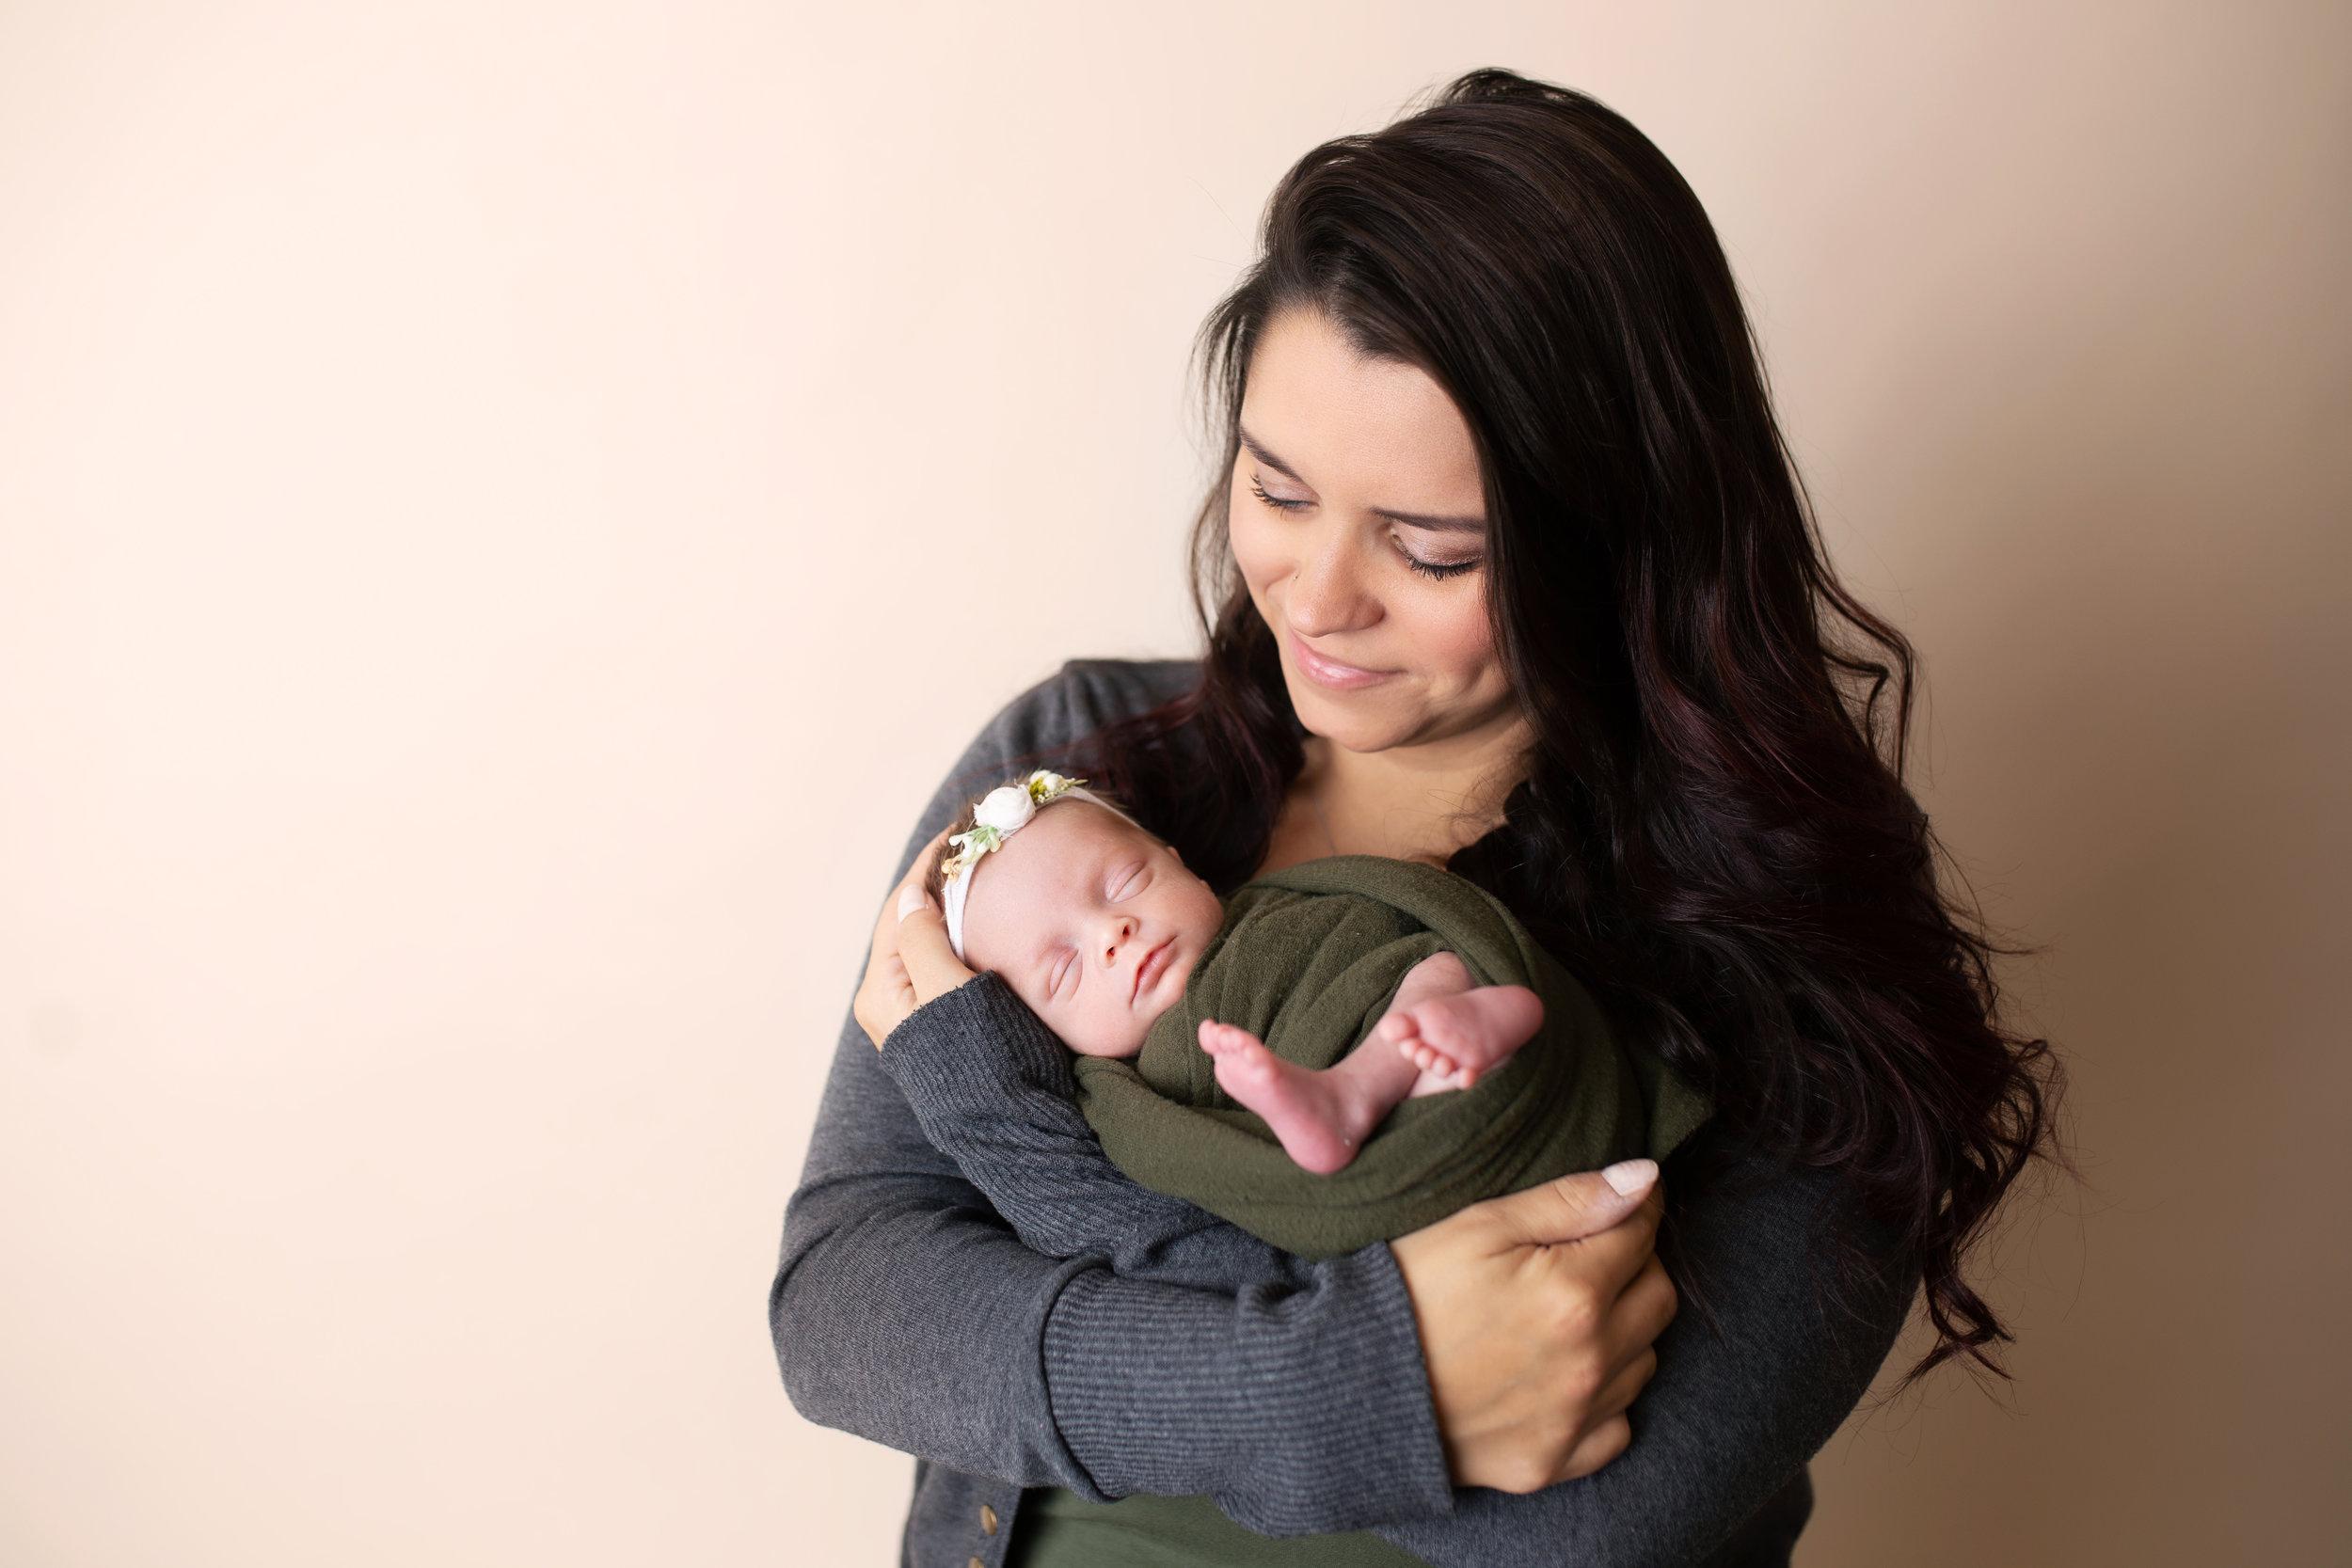 anchorage-newborn-photographer-9.jpg